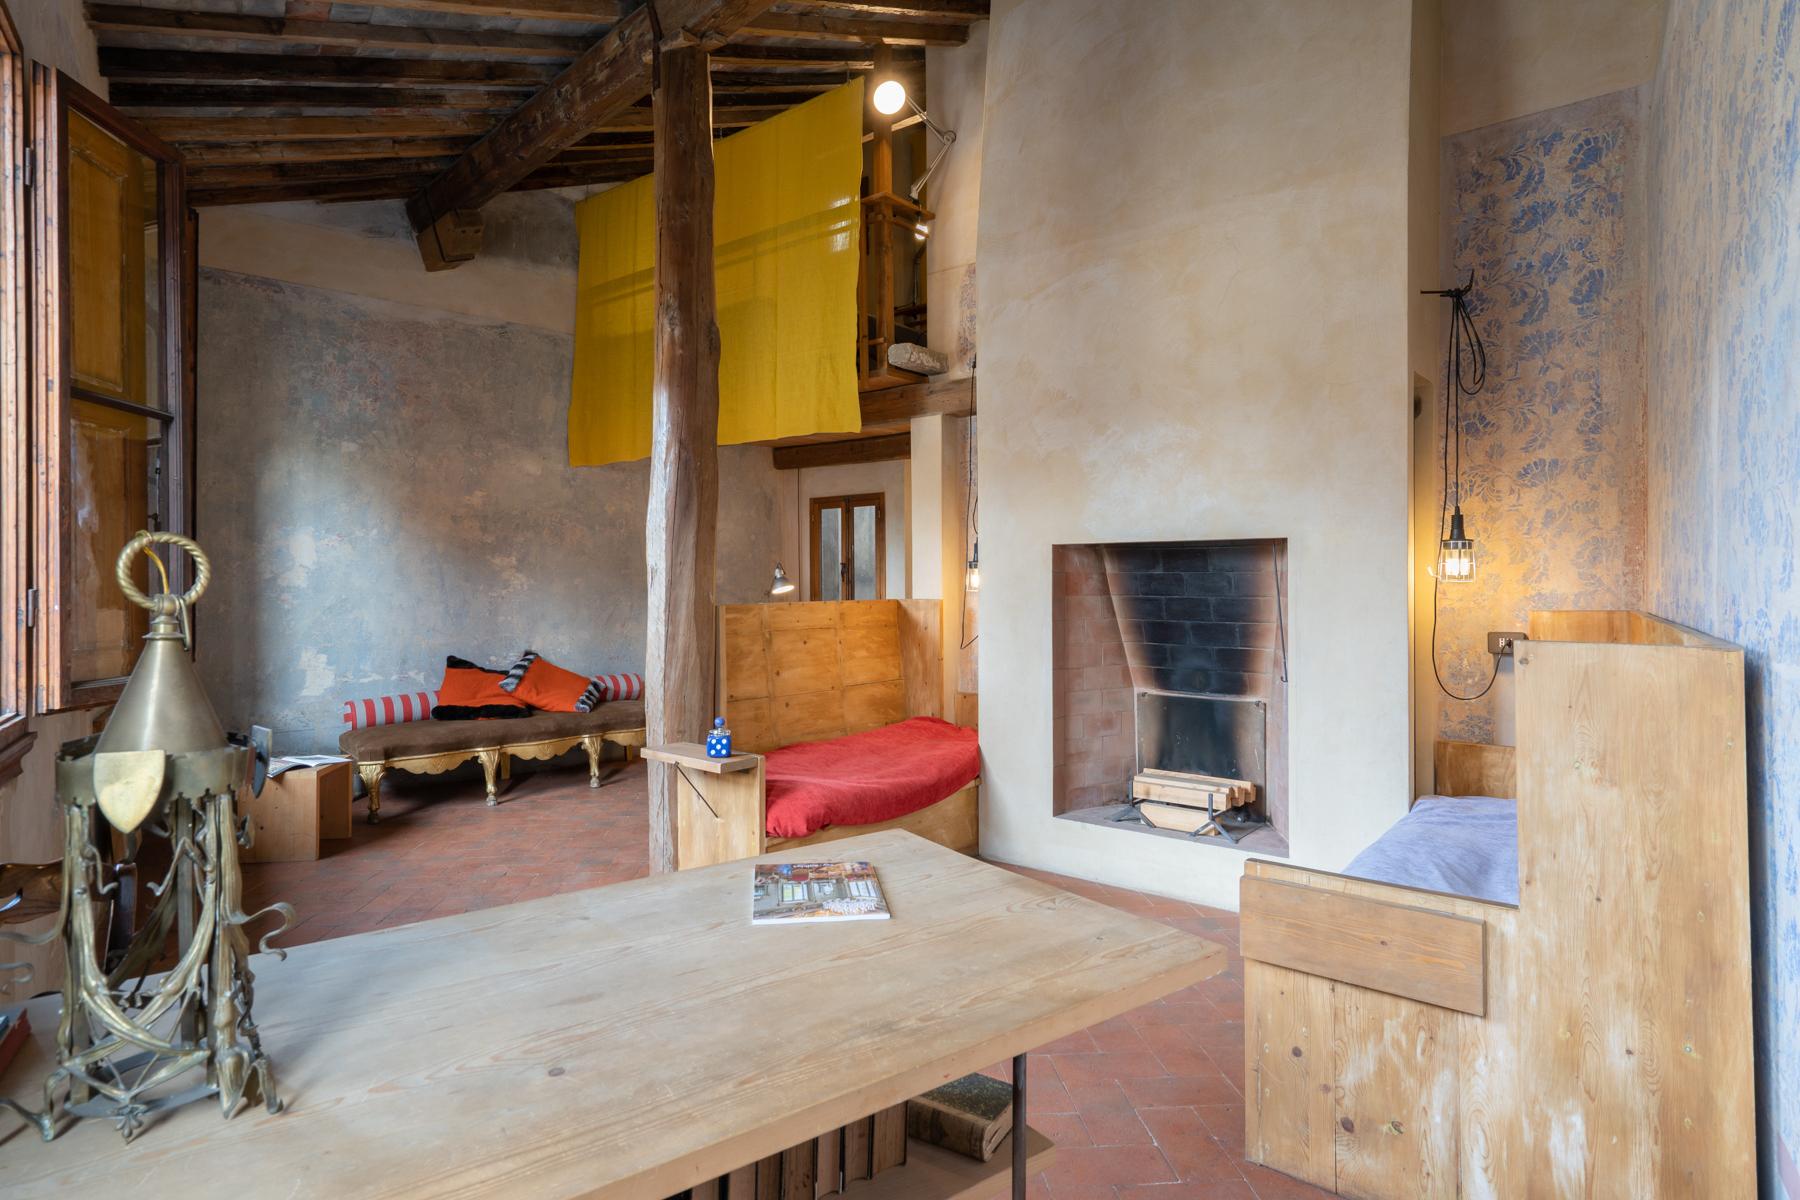 Appartamento in Vendita a Firenze: 4 locali, 120 mq - Foto 2